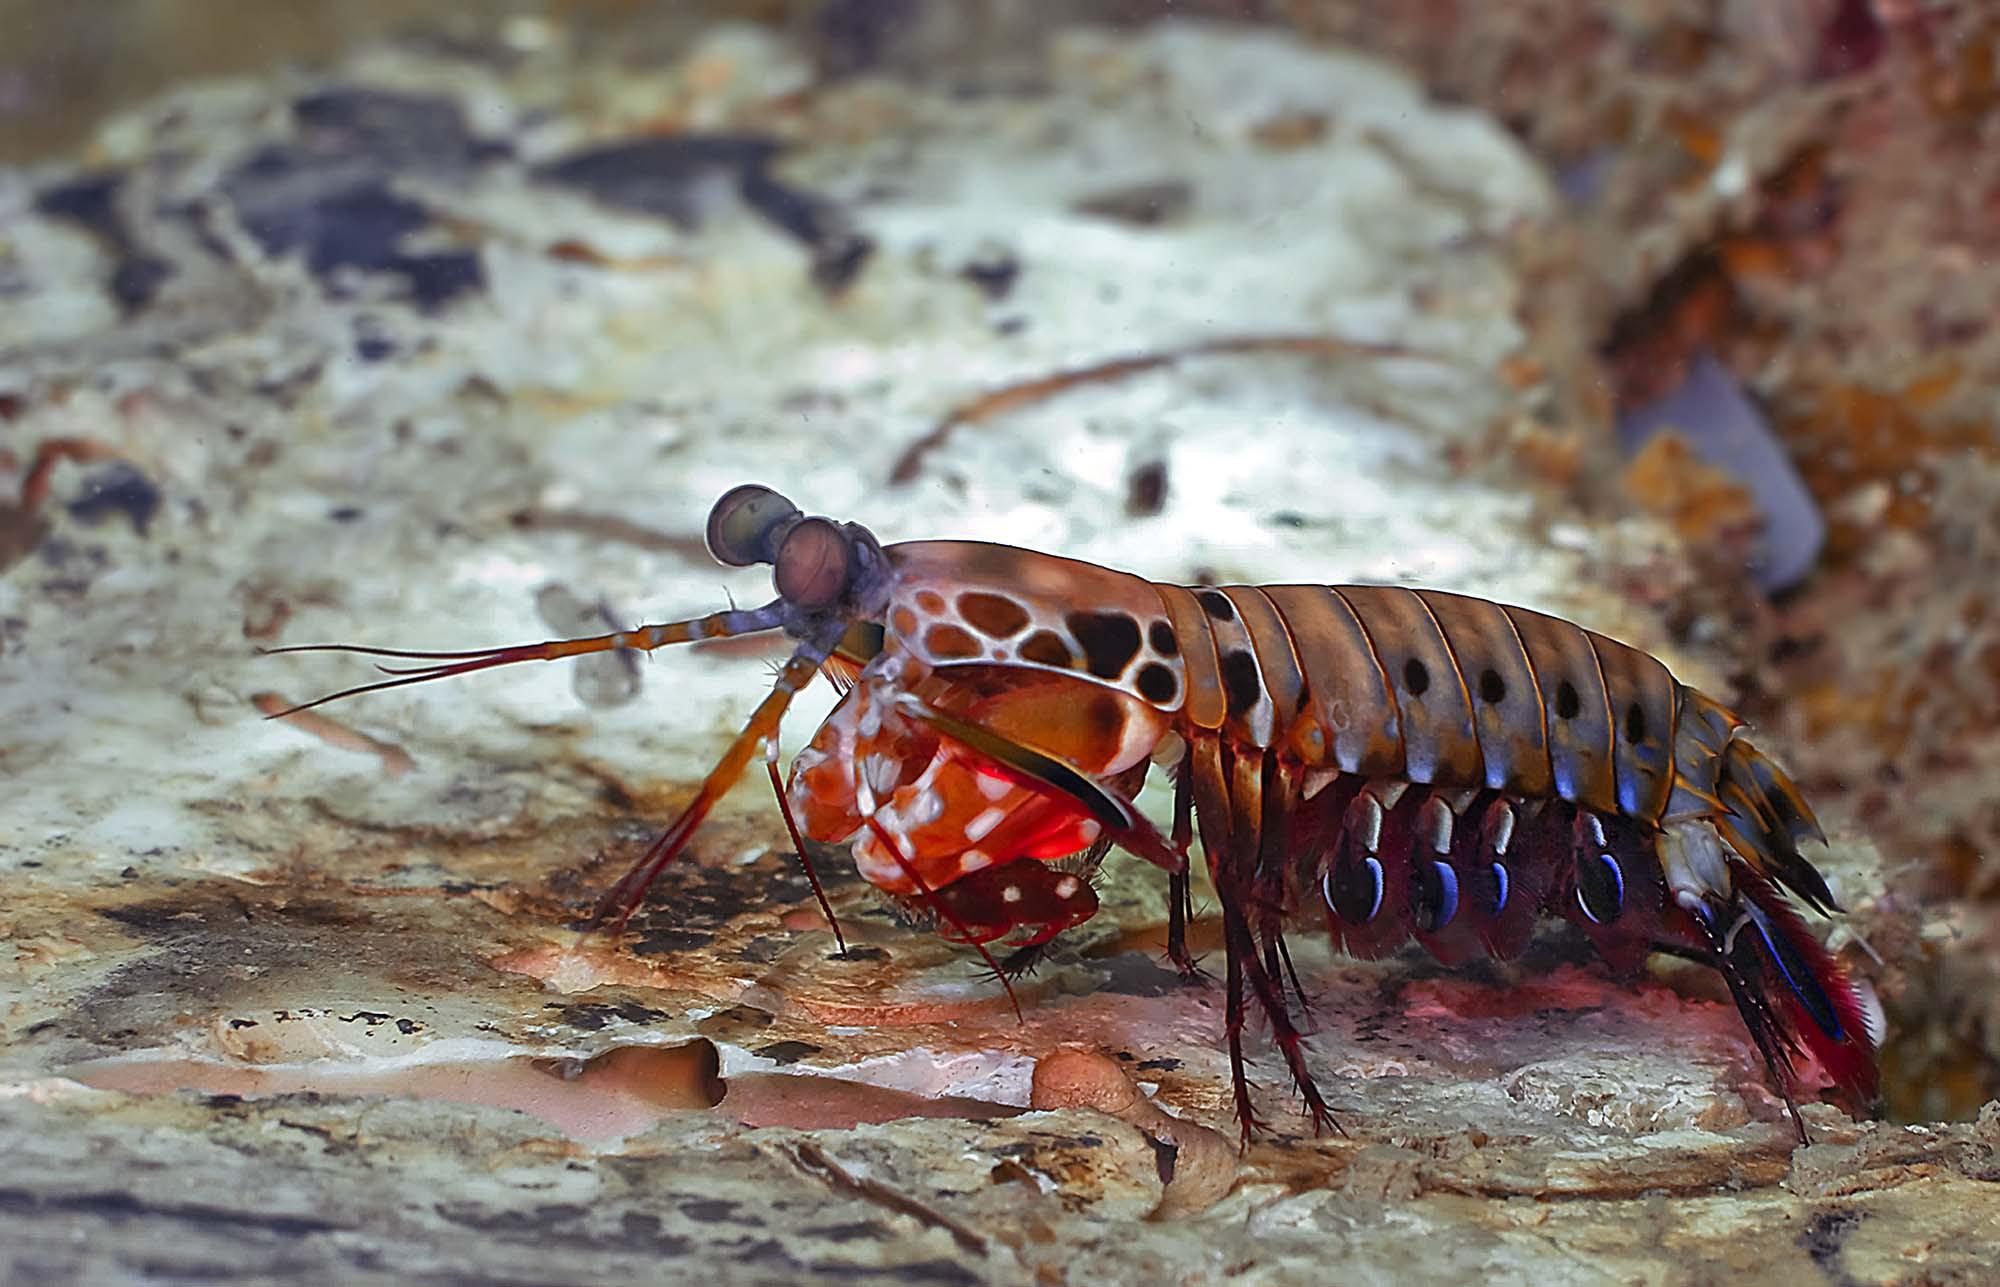 Mantis Shrimp Images